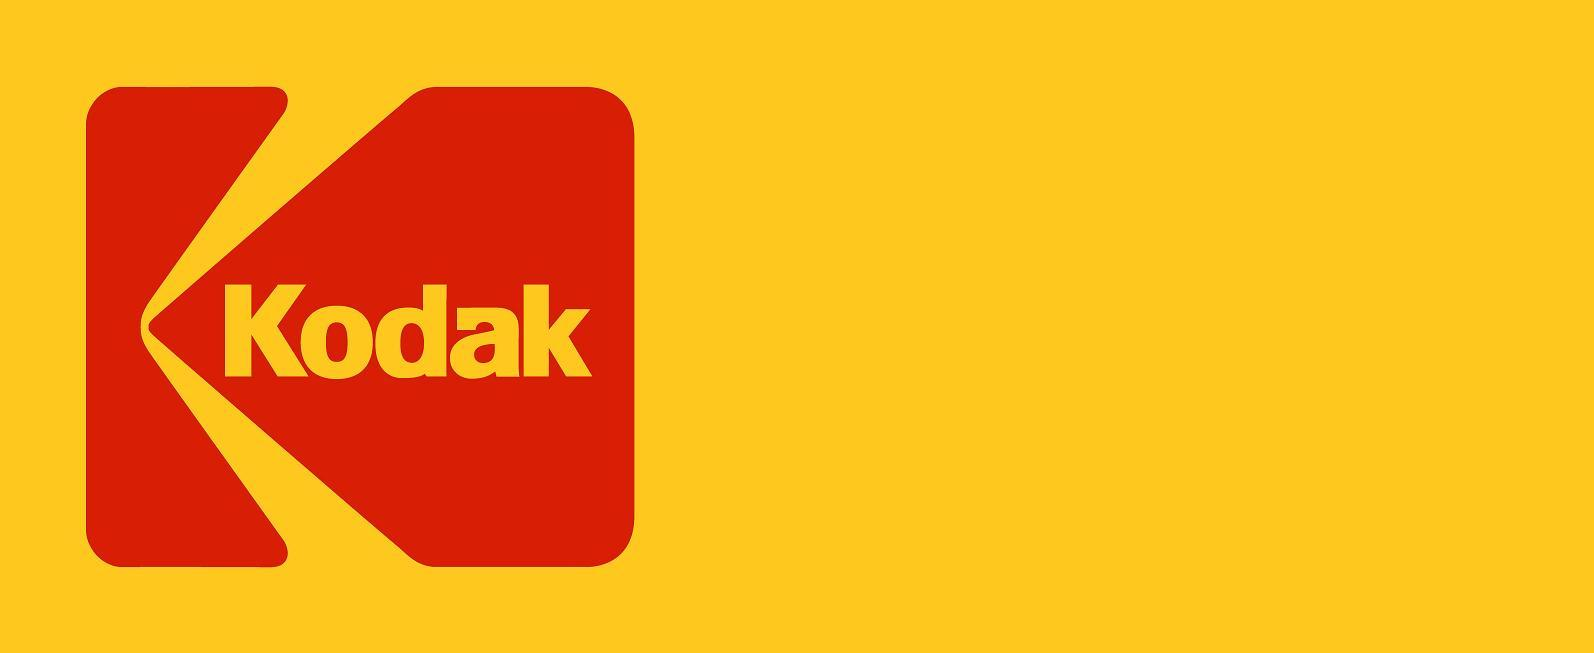 Kodak abandona la fabricación y el diseño de cámaras fotográficas